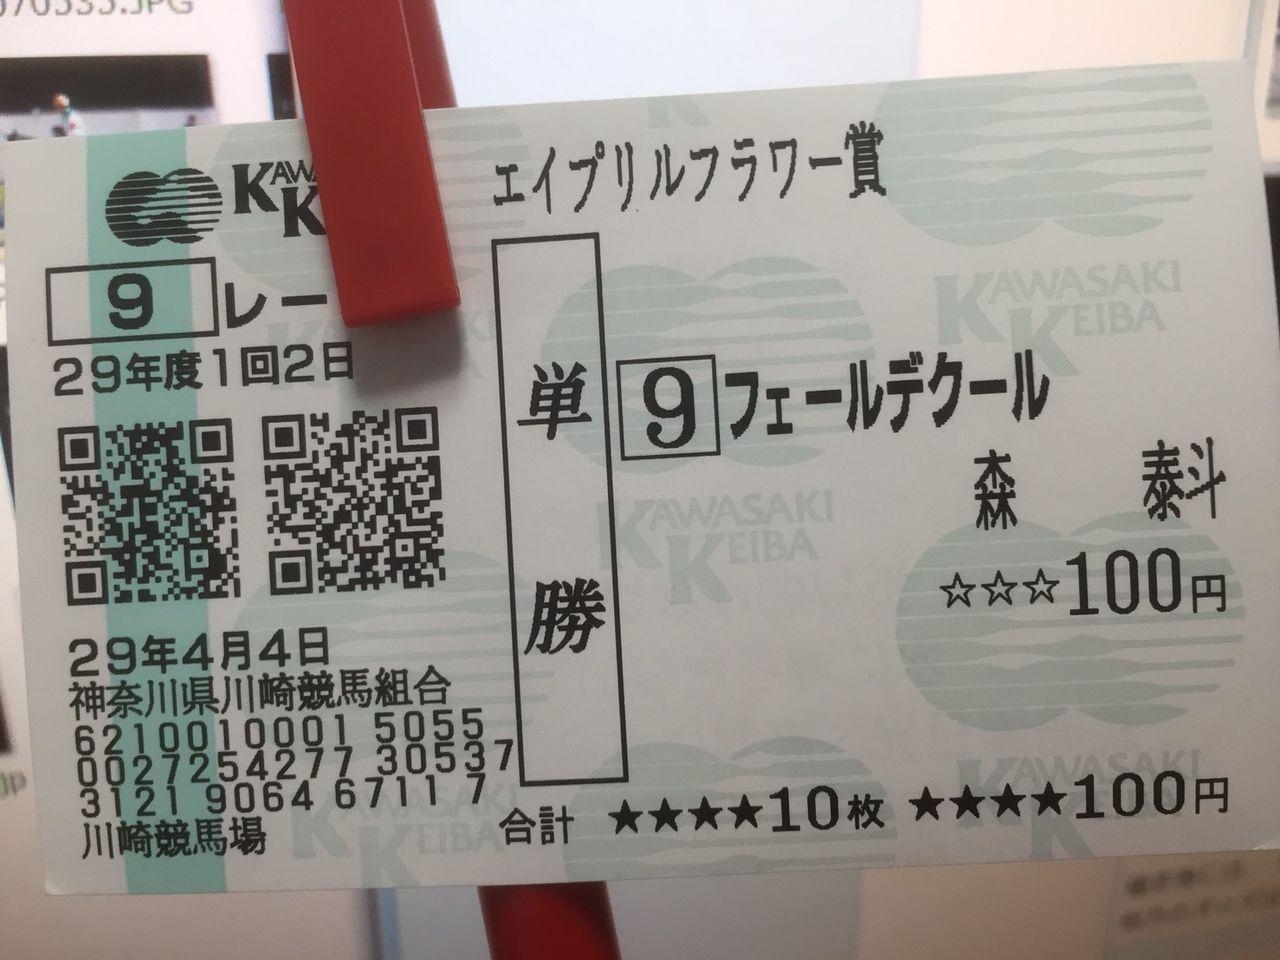 [フェールデクール] 3歳4月 4戦目 川崎のエイプリルフラワー賞 走りました編 3